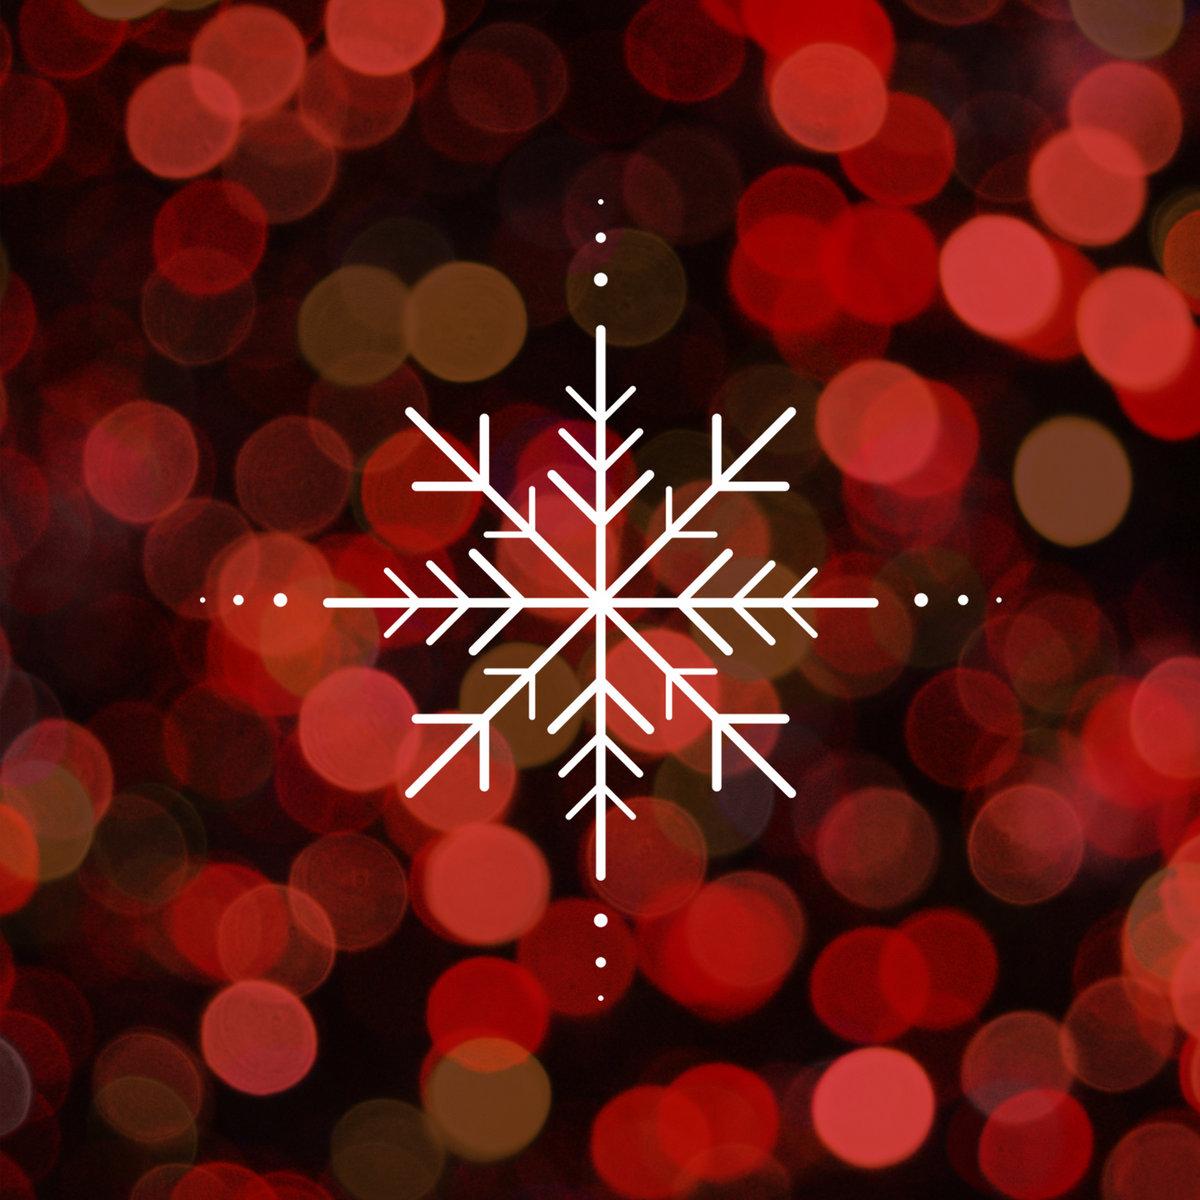 Nothing Says Christmas Like You | The Christmas Band